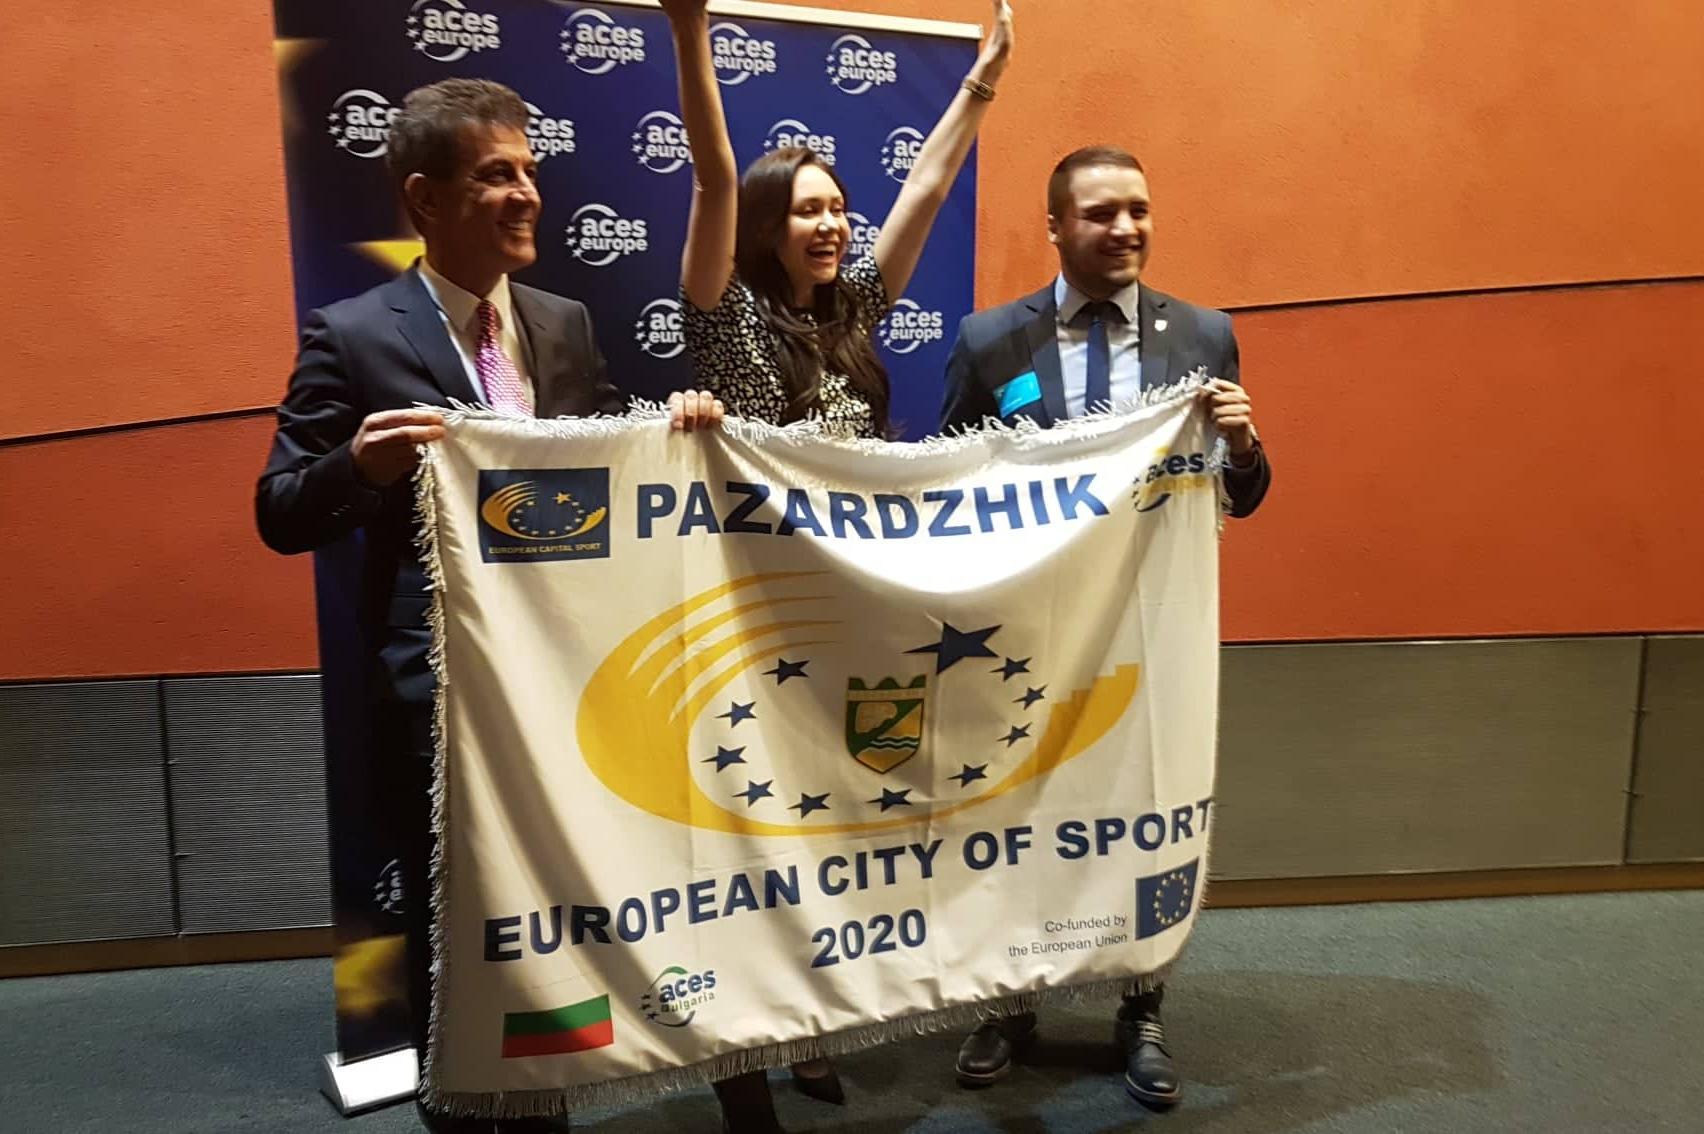 """Кметът на Пазарджик получава титлата и знамето """"Европейски град на спорта 2"""